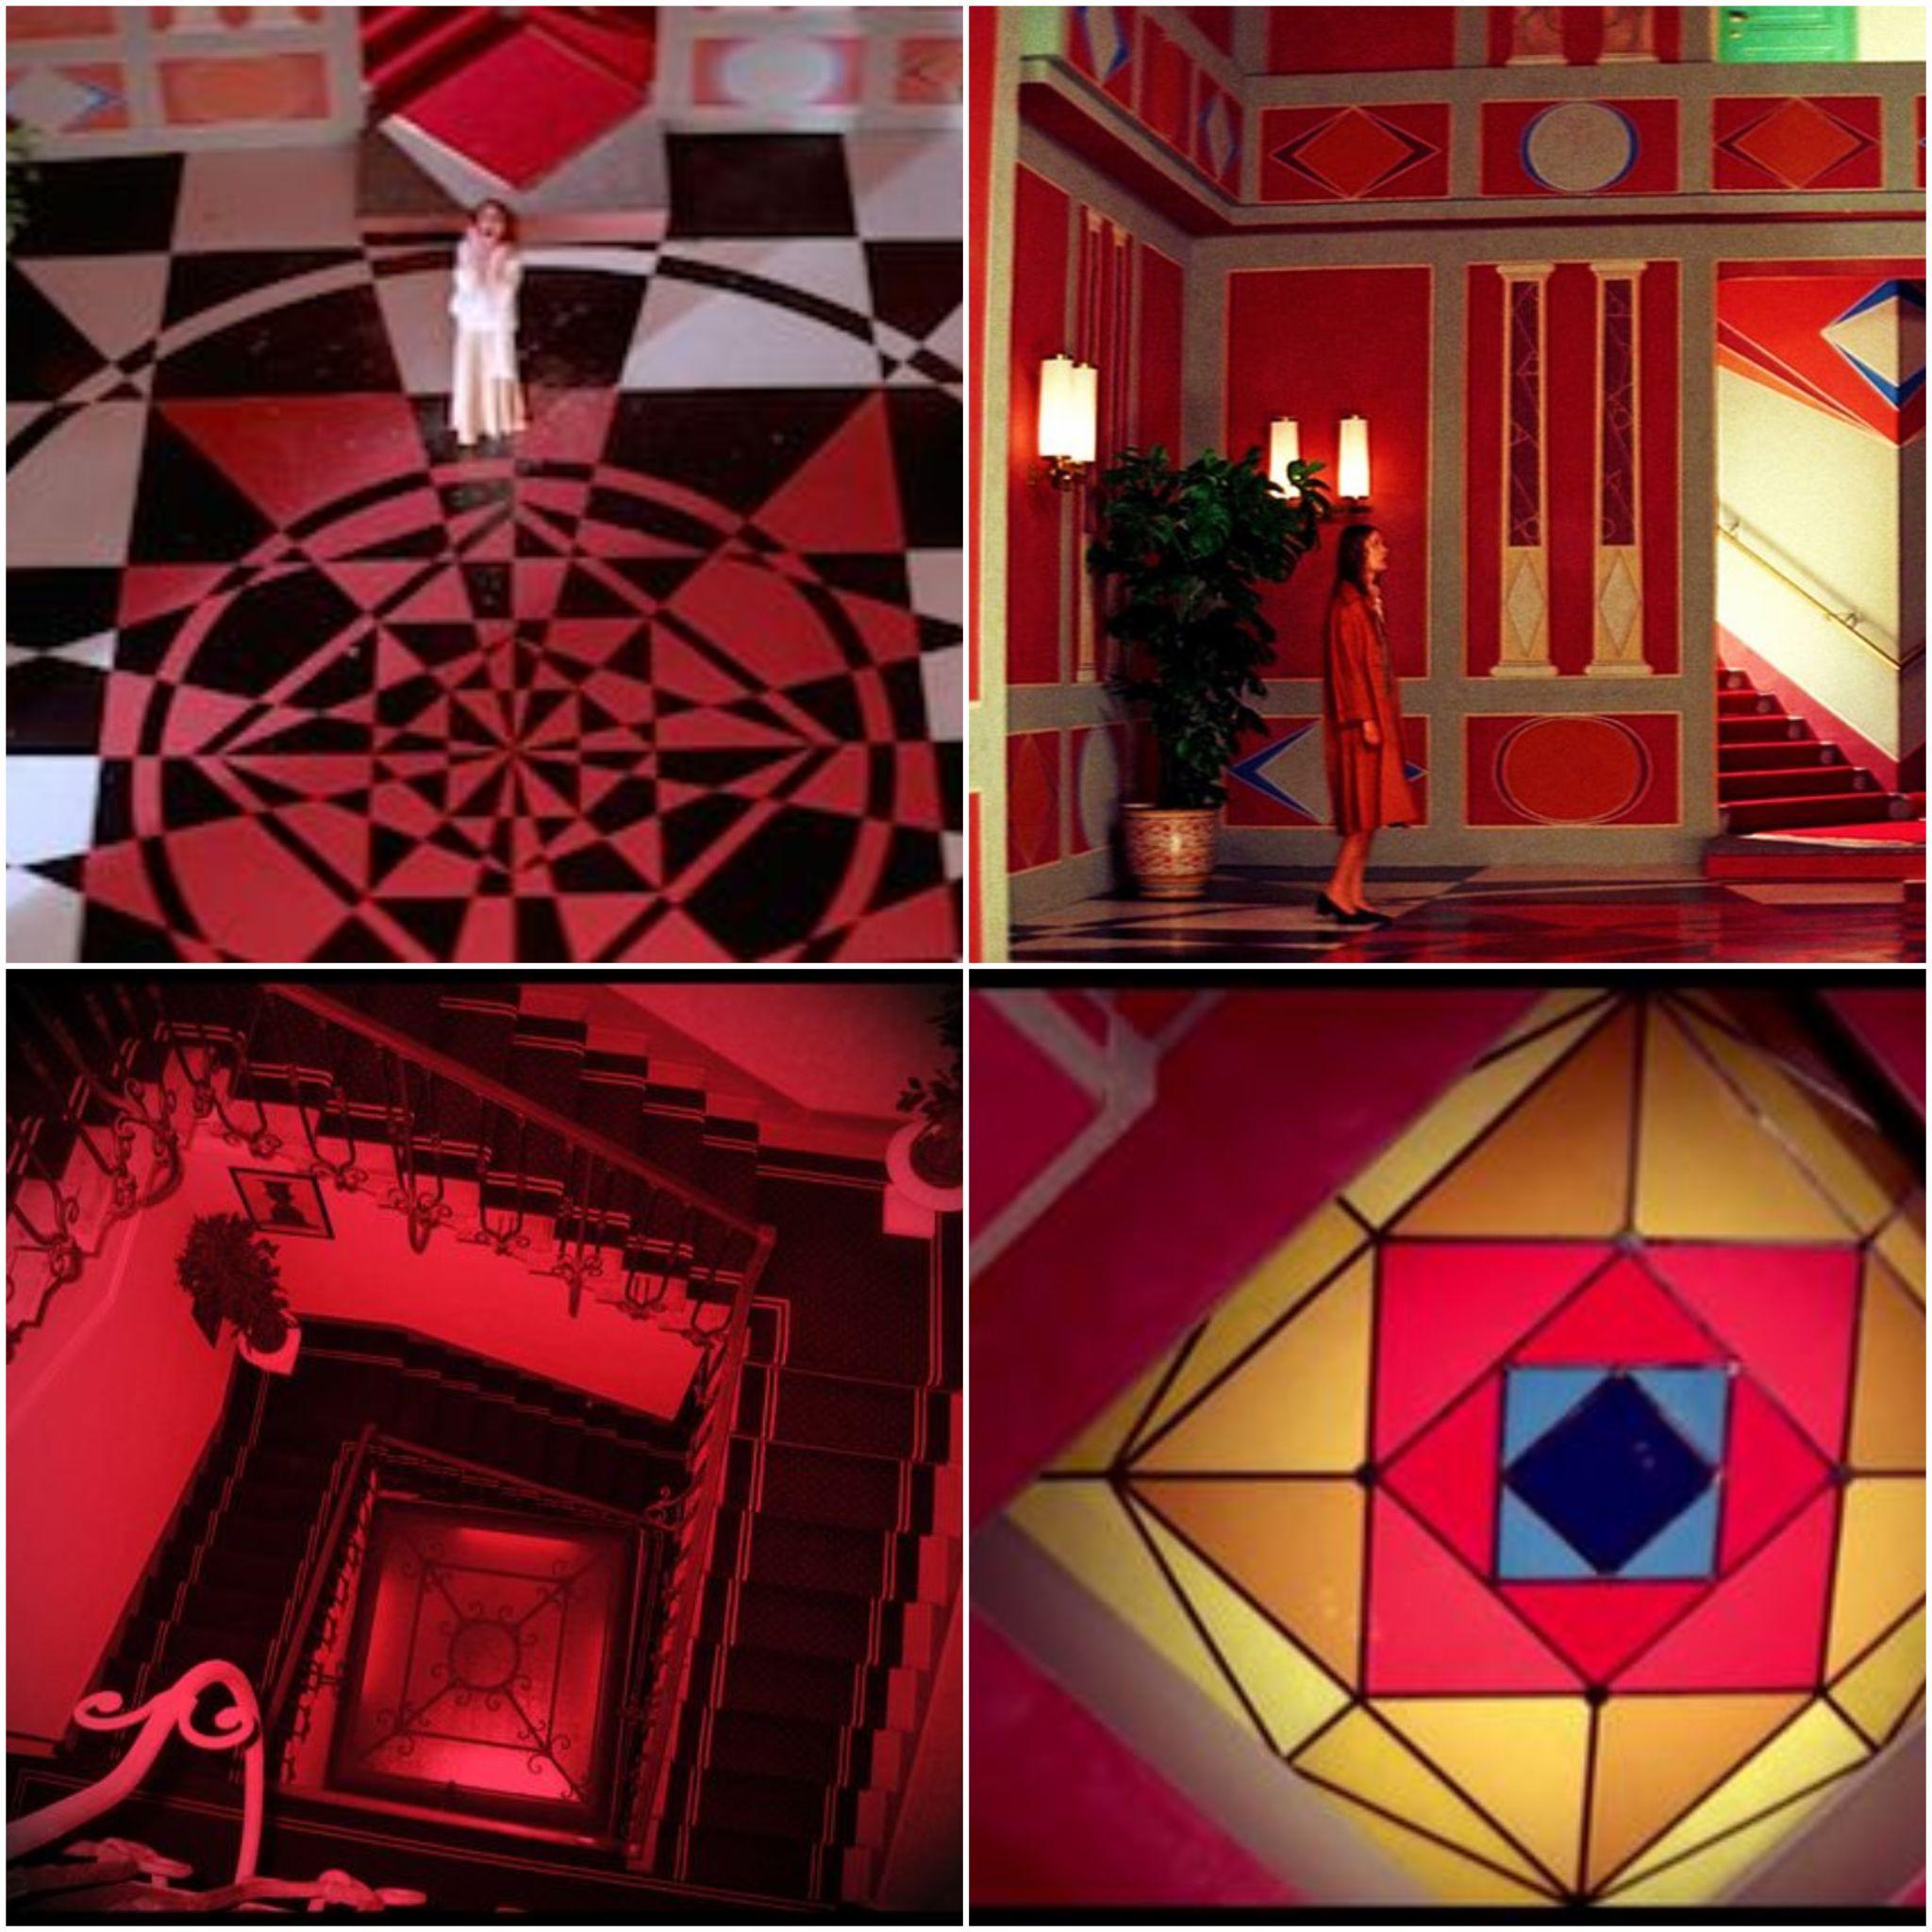 The Red World of Suspiria (1977) - Michael Murphy Home Furnishing